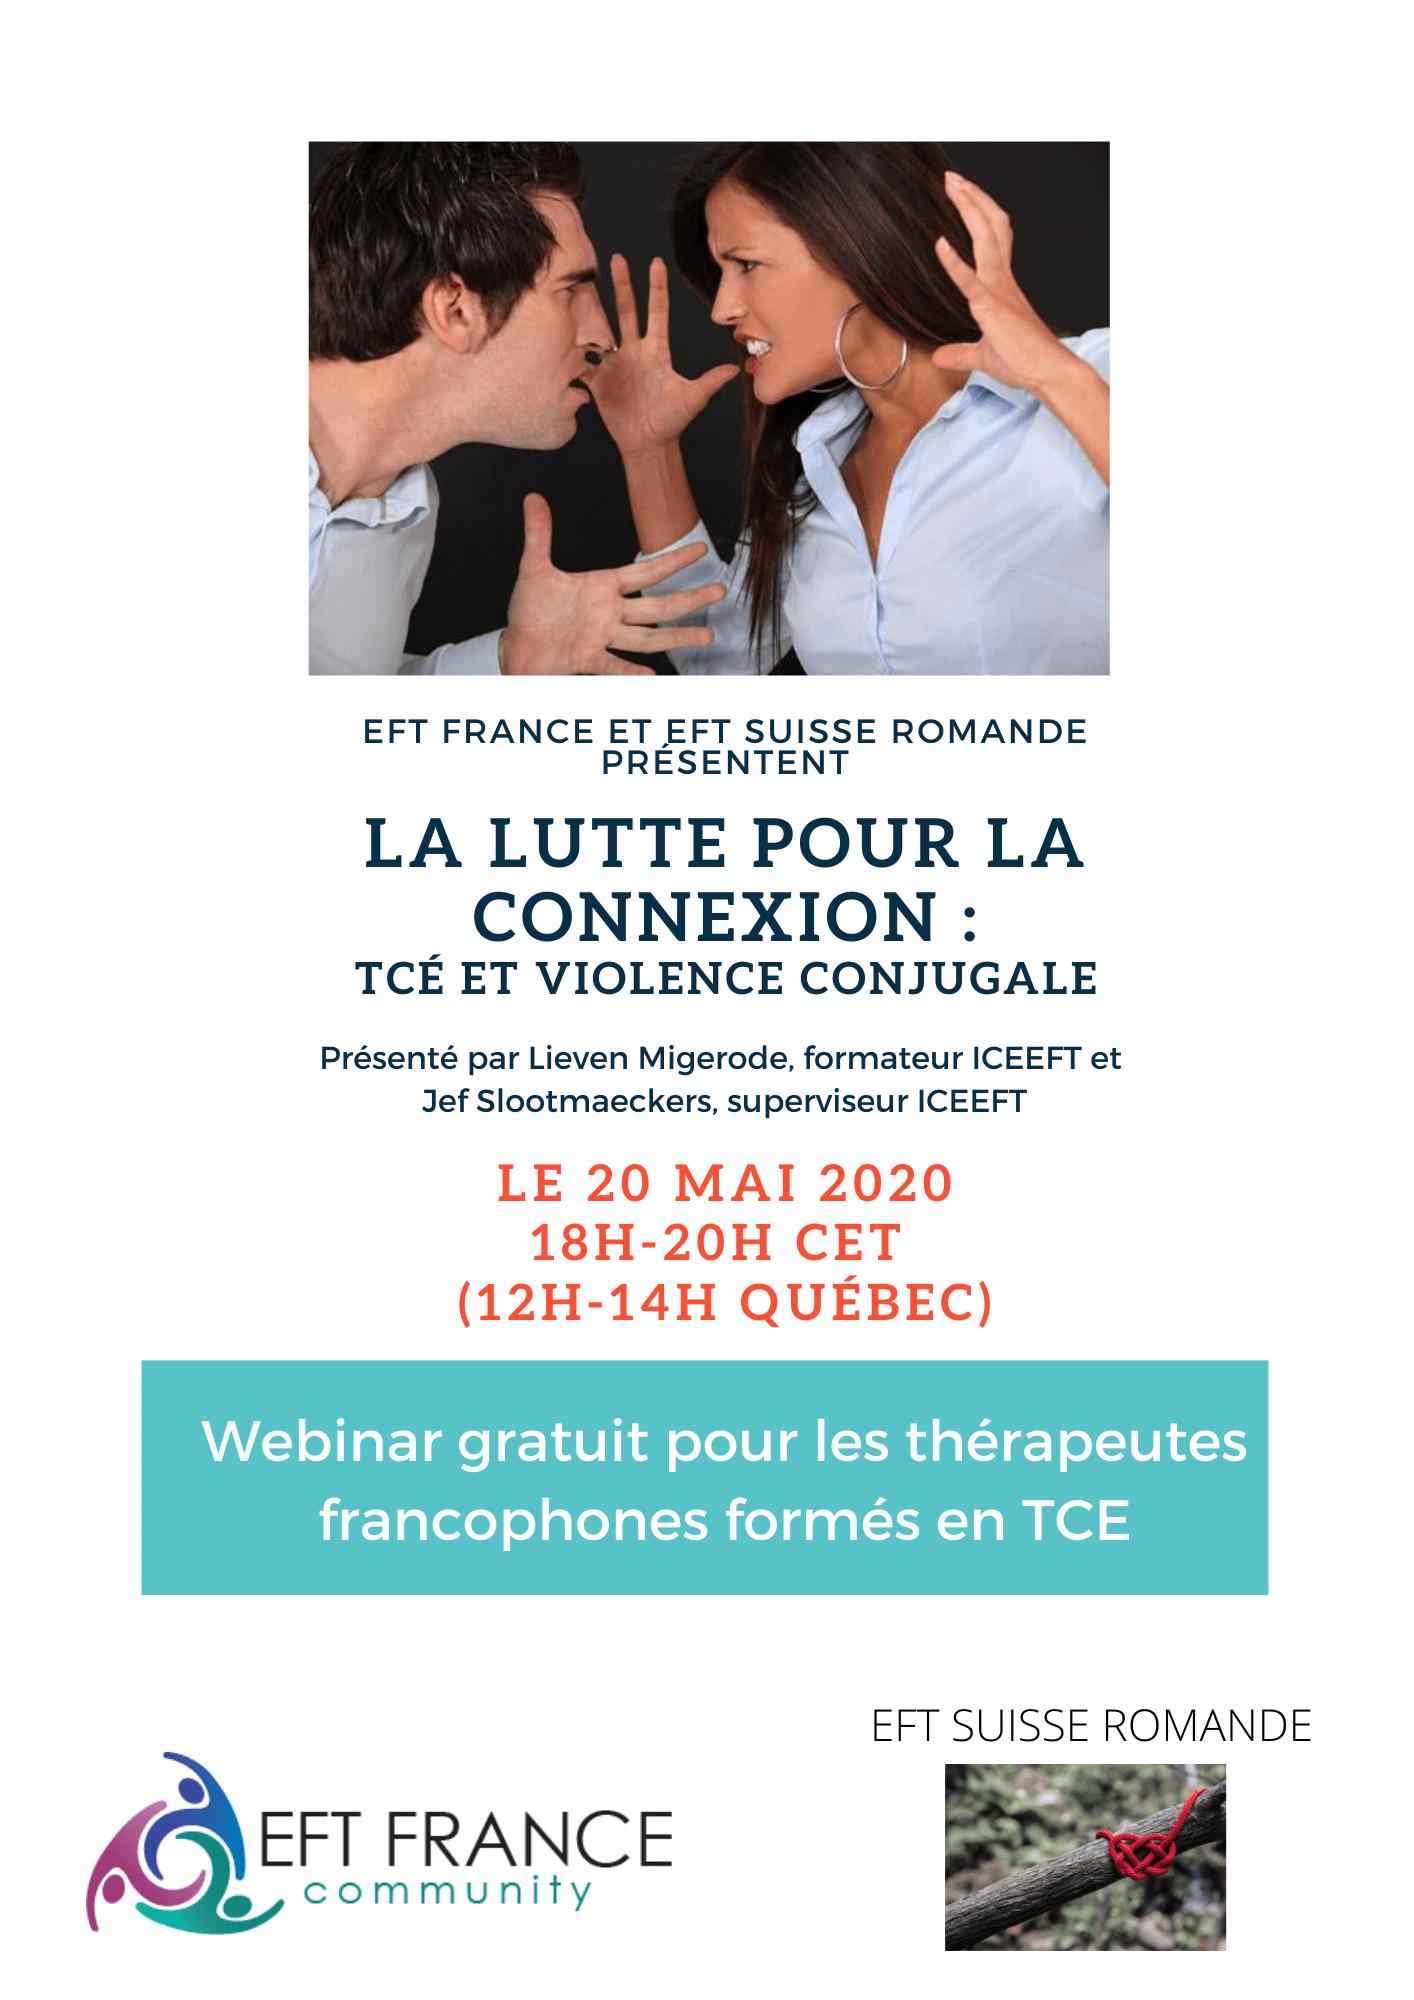 Webinar gratuit pour les thérapeutes TCE